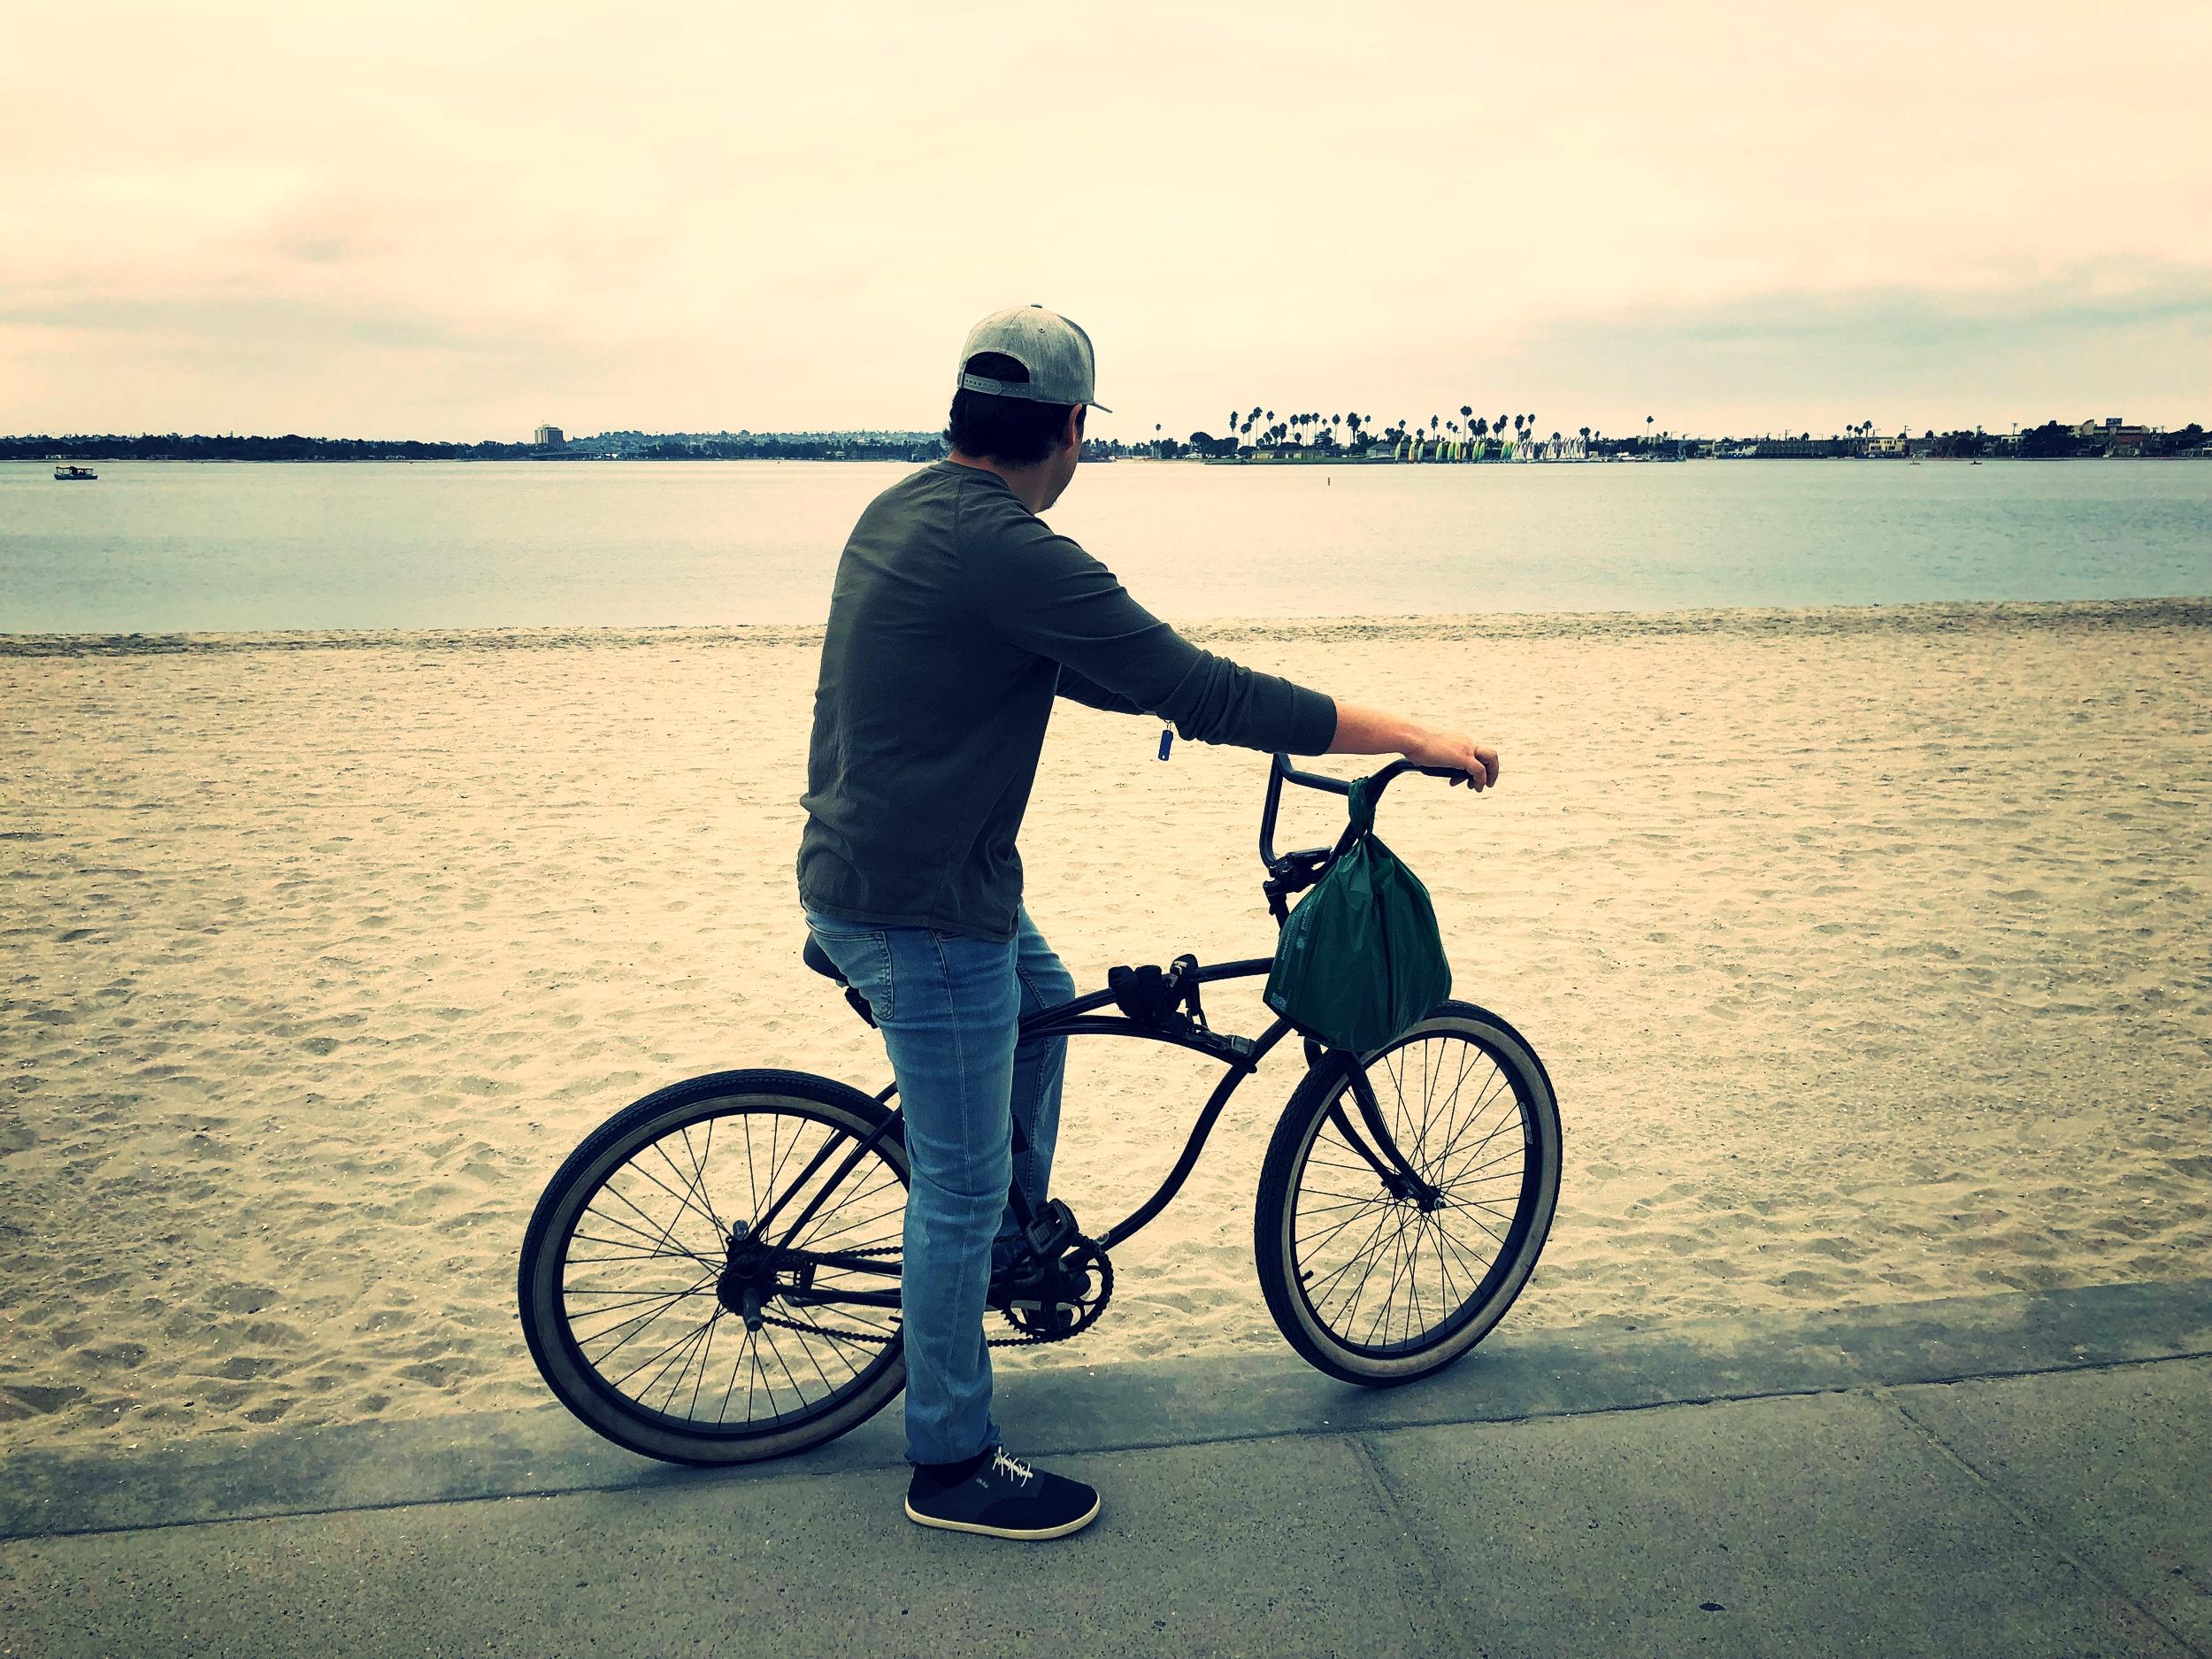 San Diego bayside